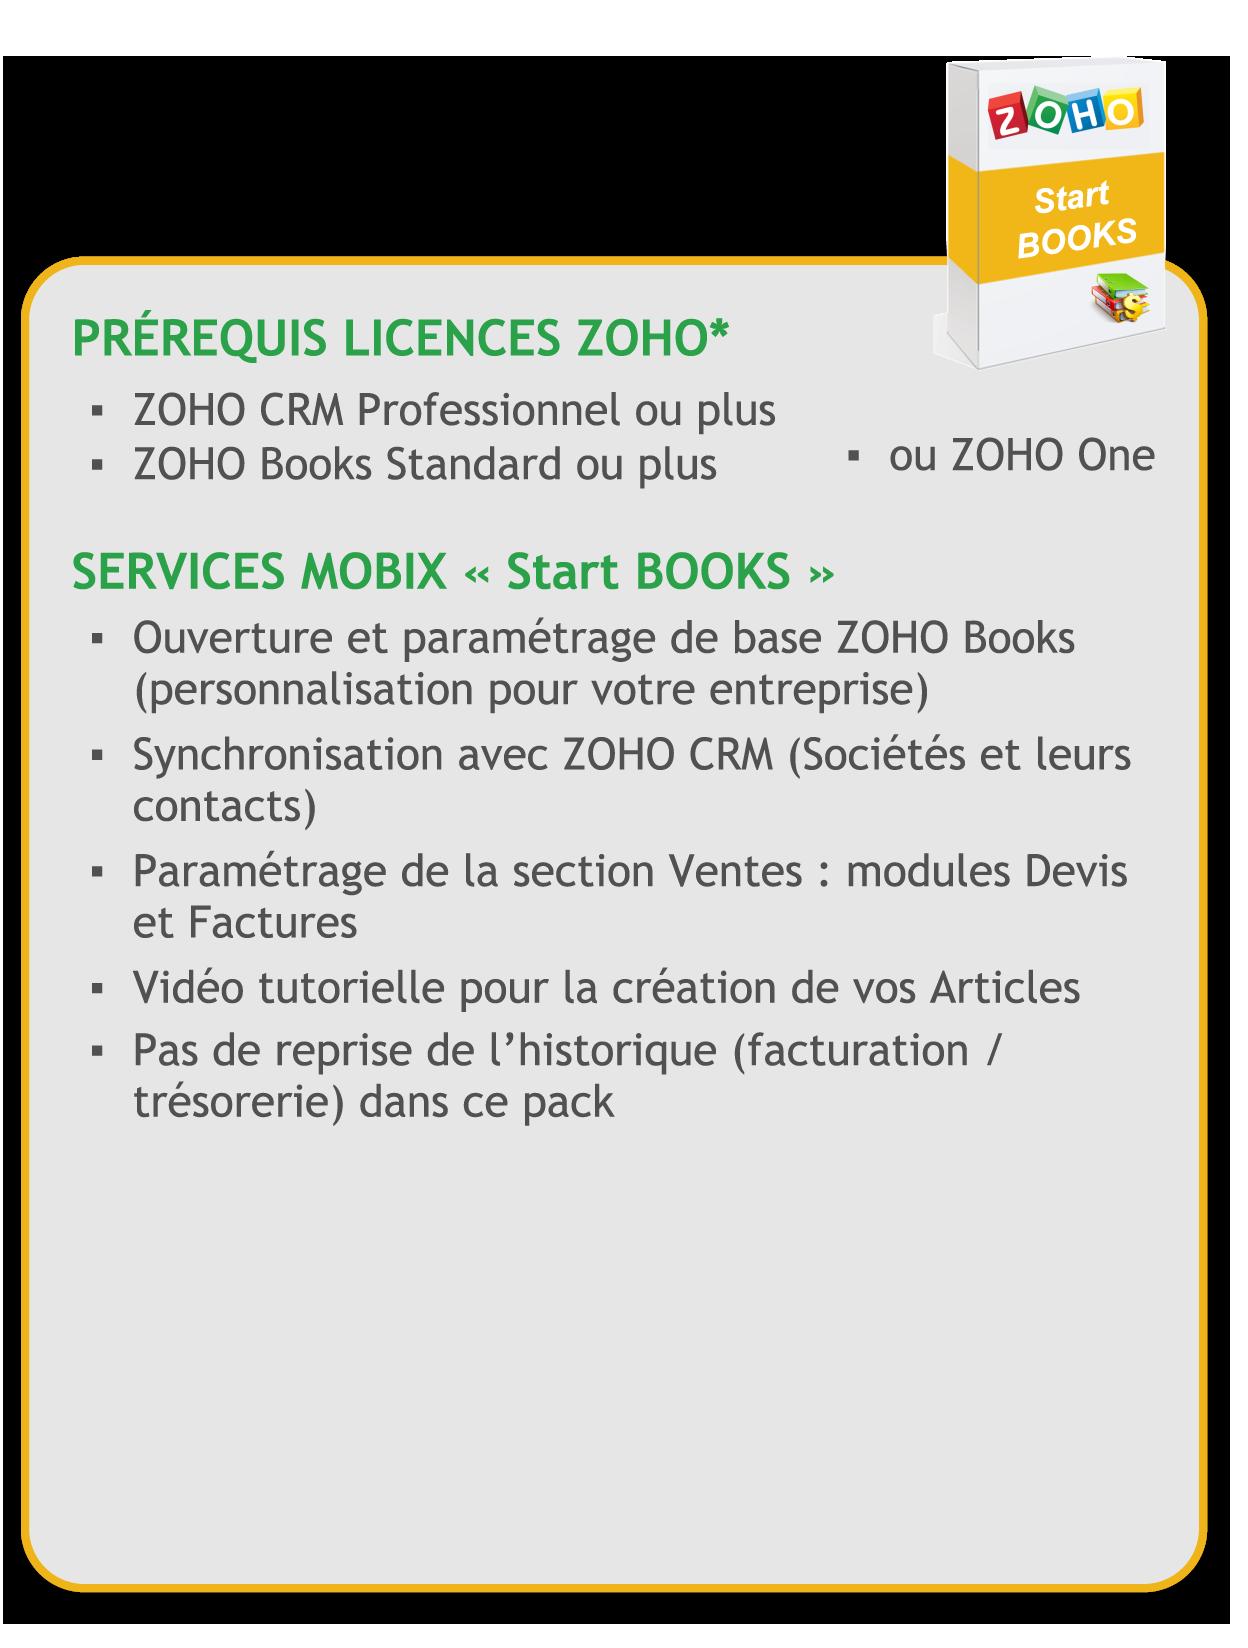 Books -ZOHO-starter - details